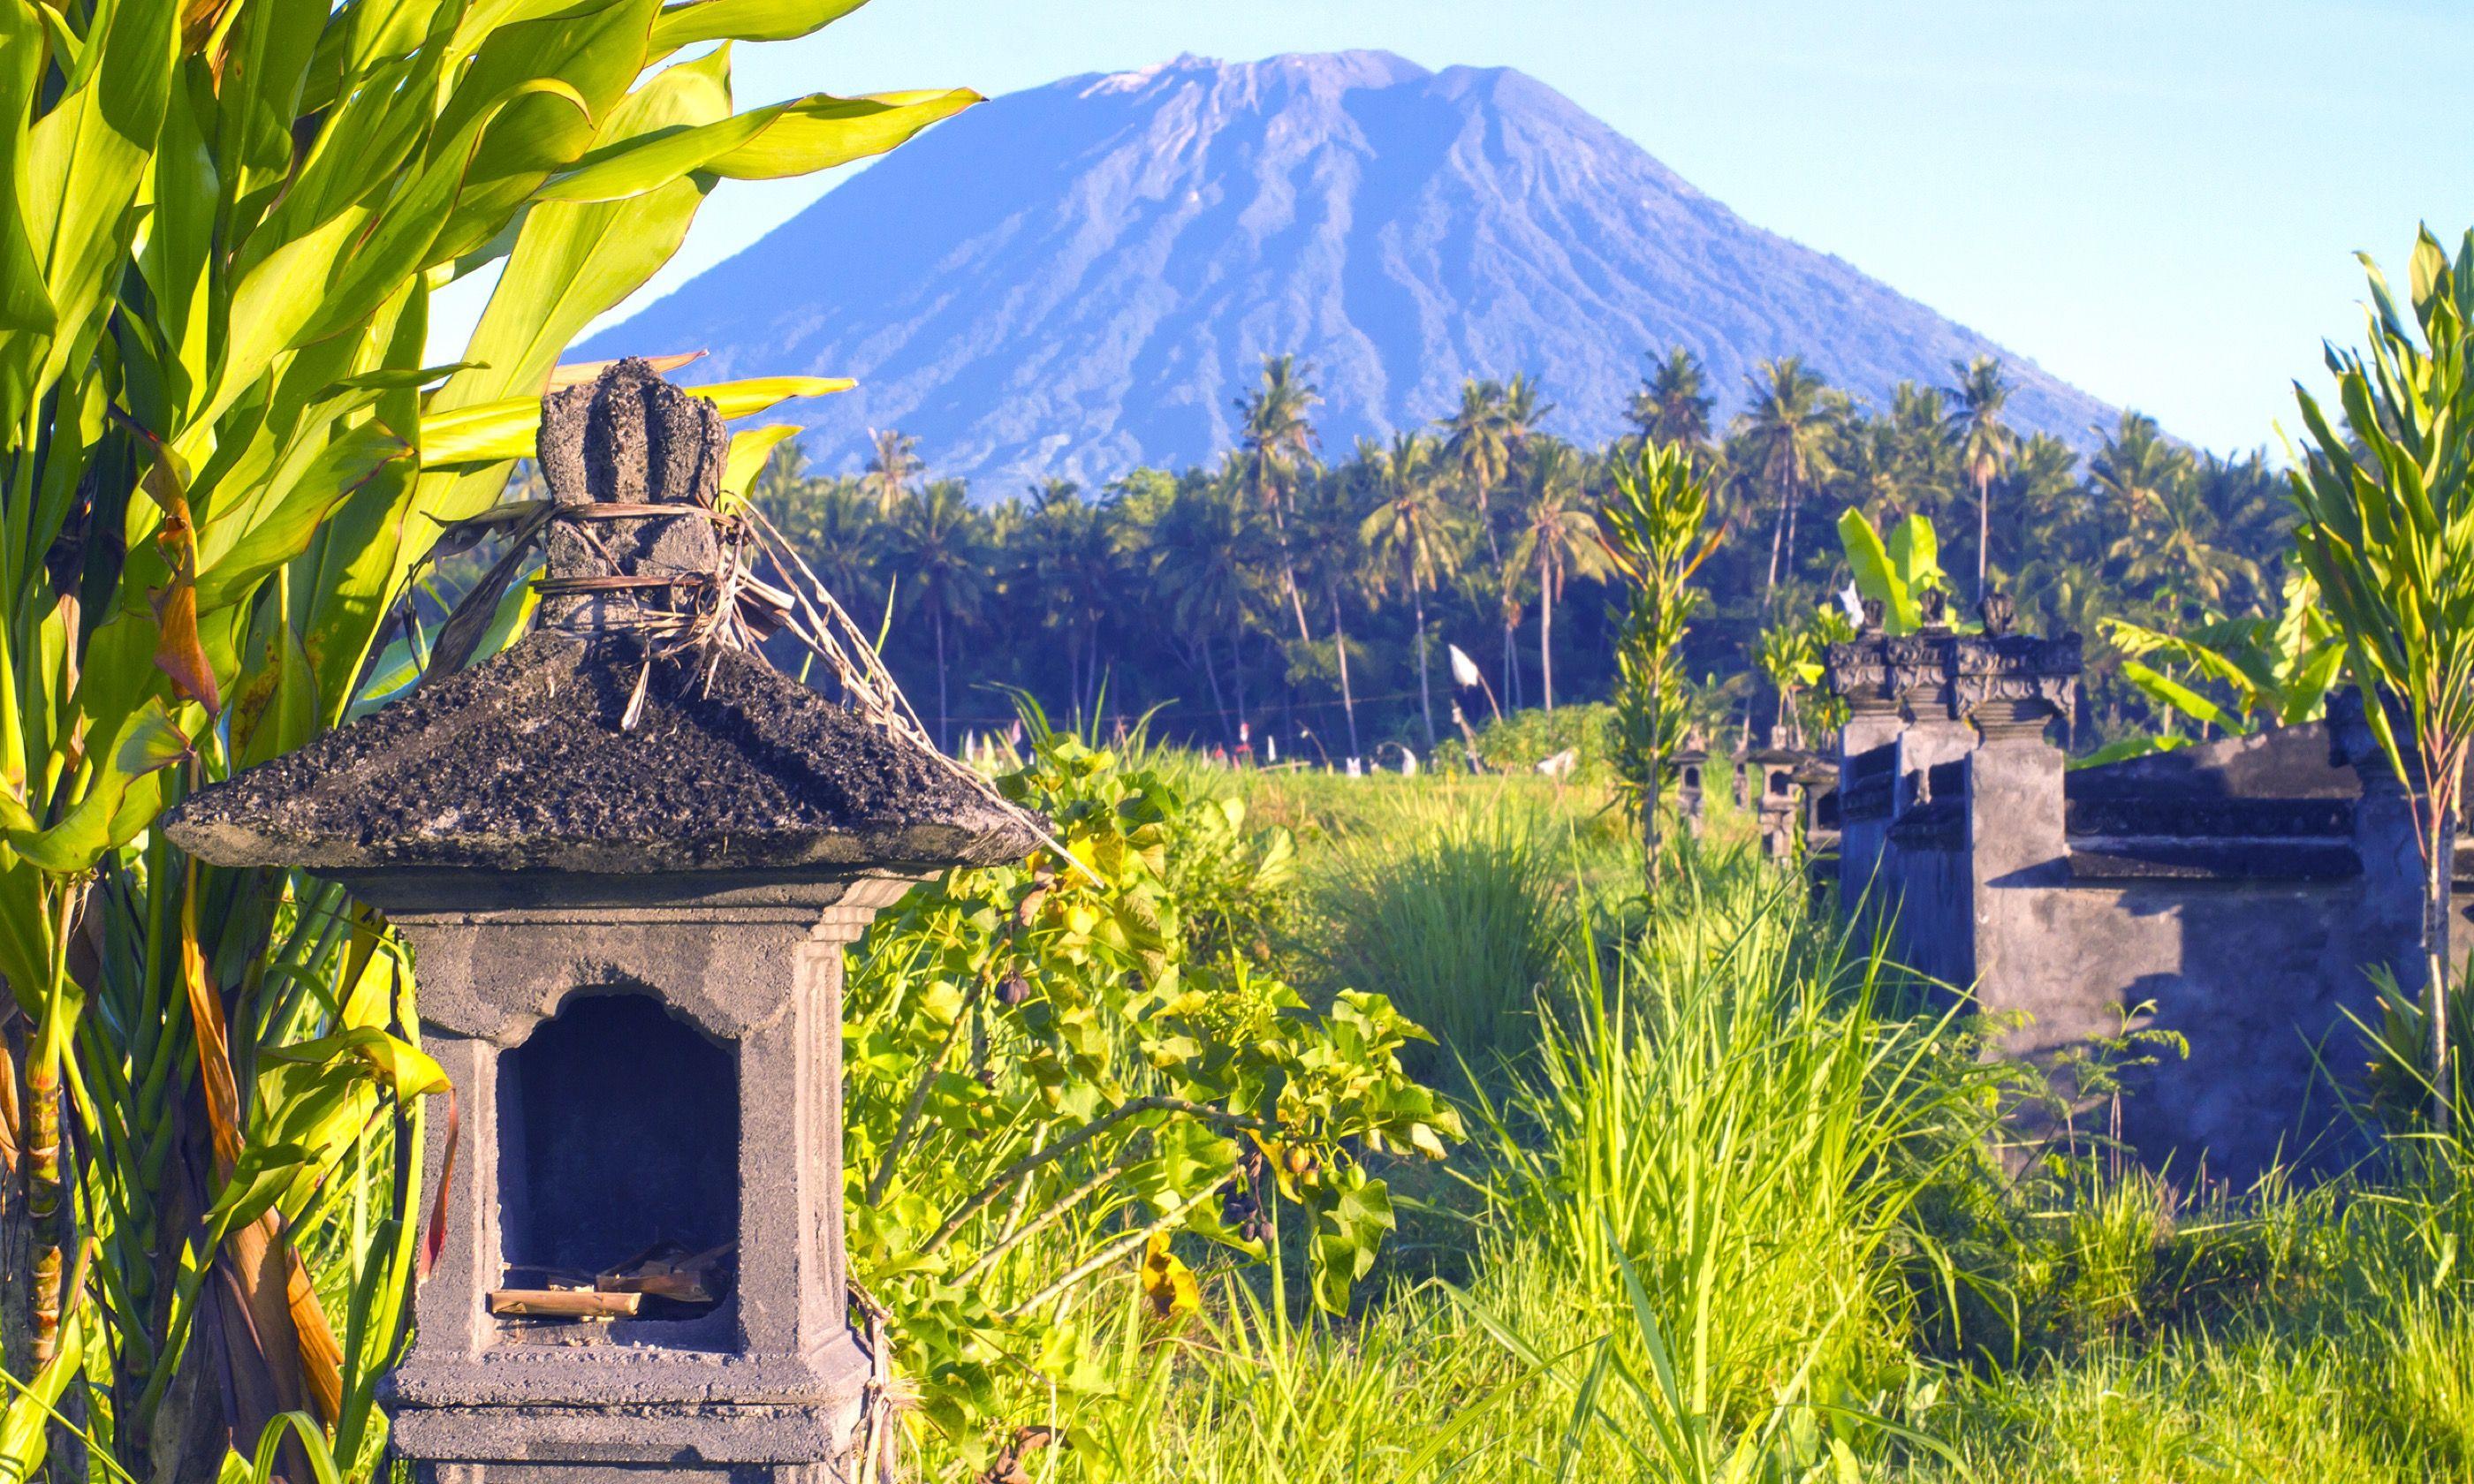 Mount Agung, Bali (Shutterstock.com)